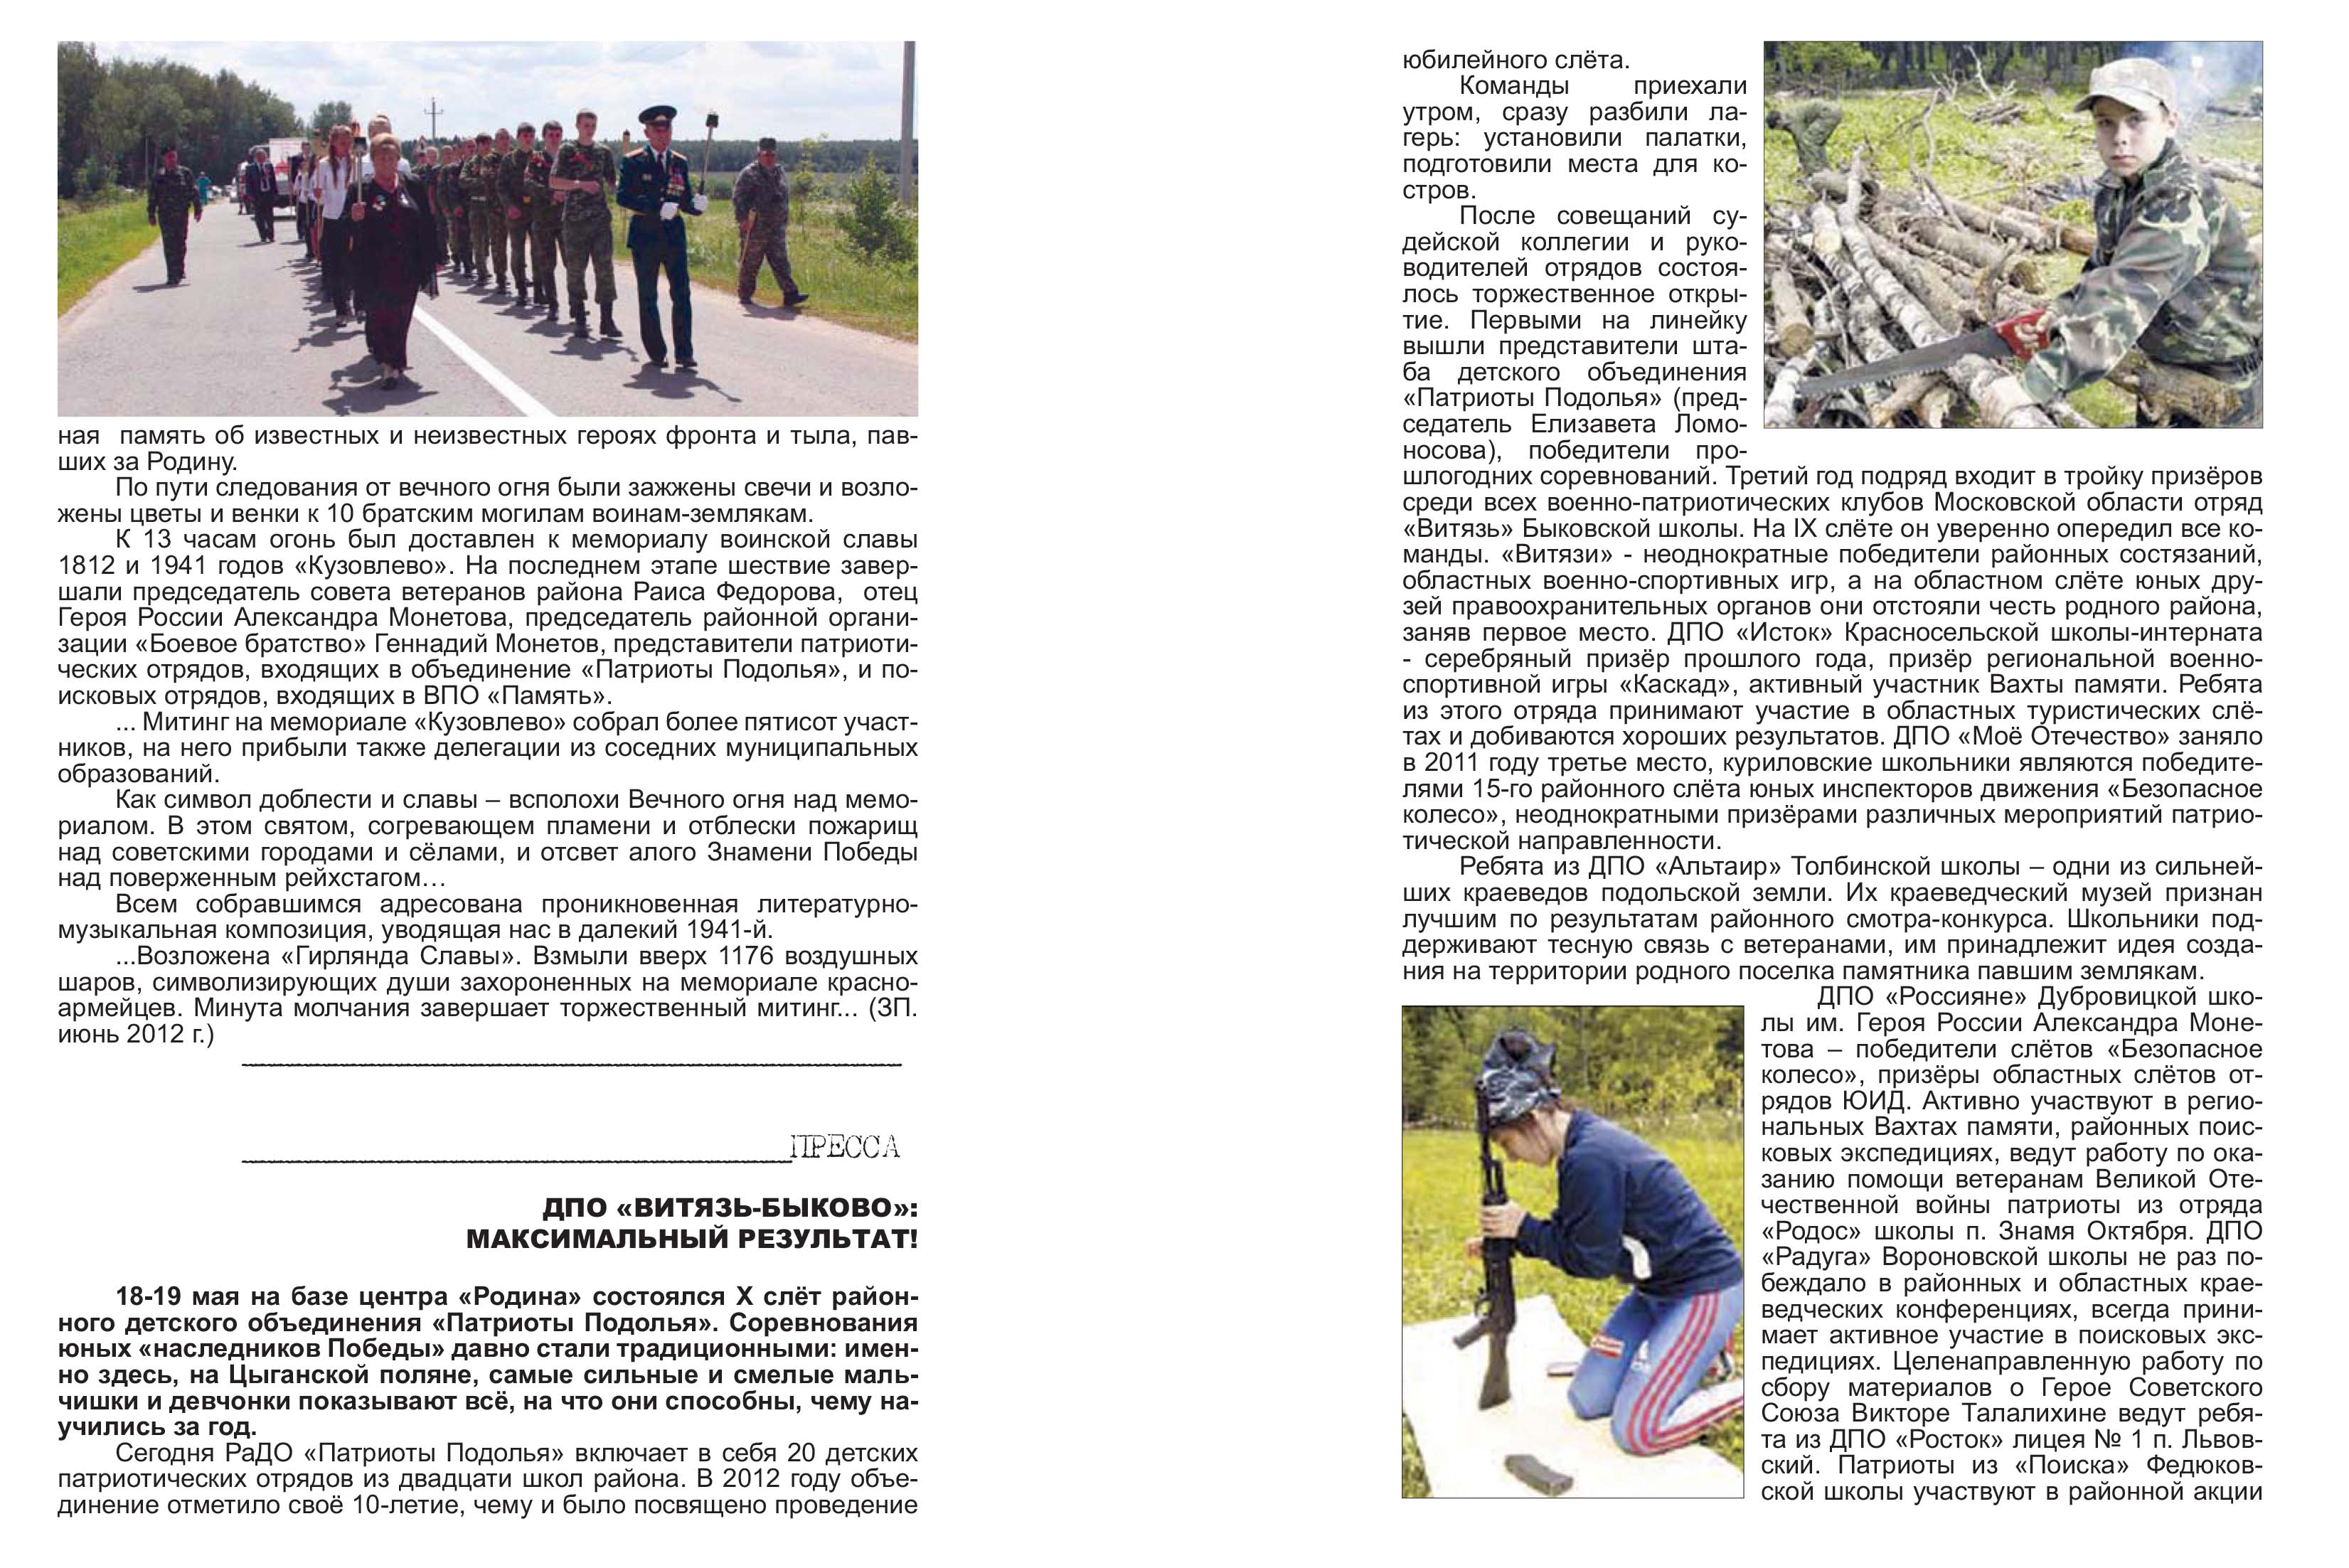 Патриотическое воспитание в Подольском районе